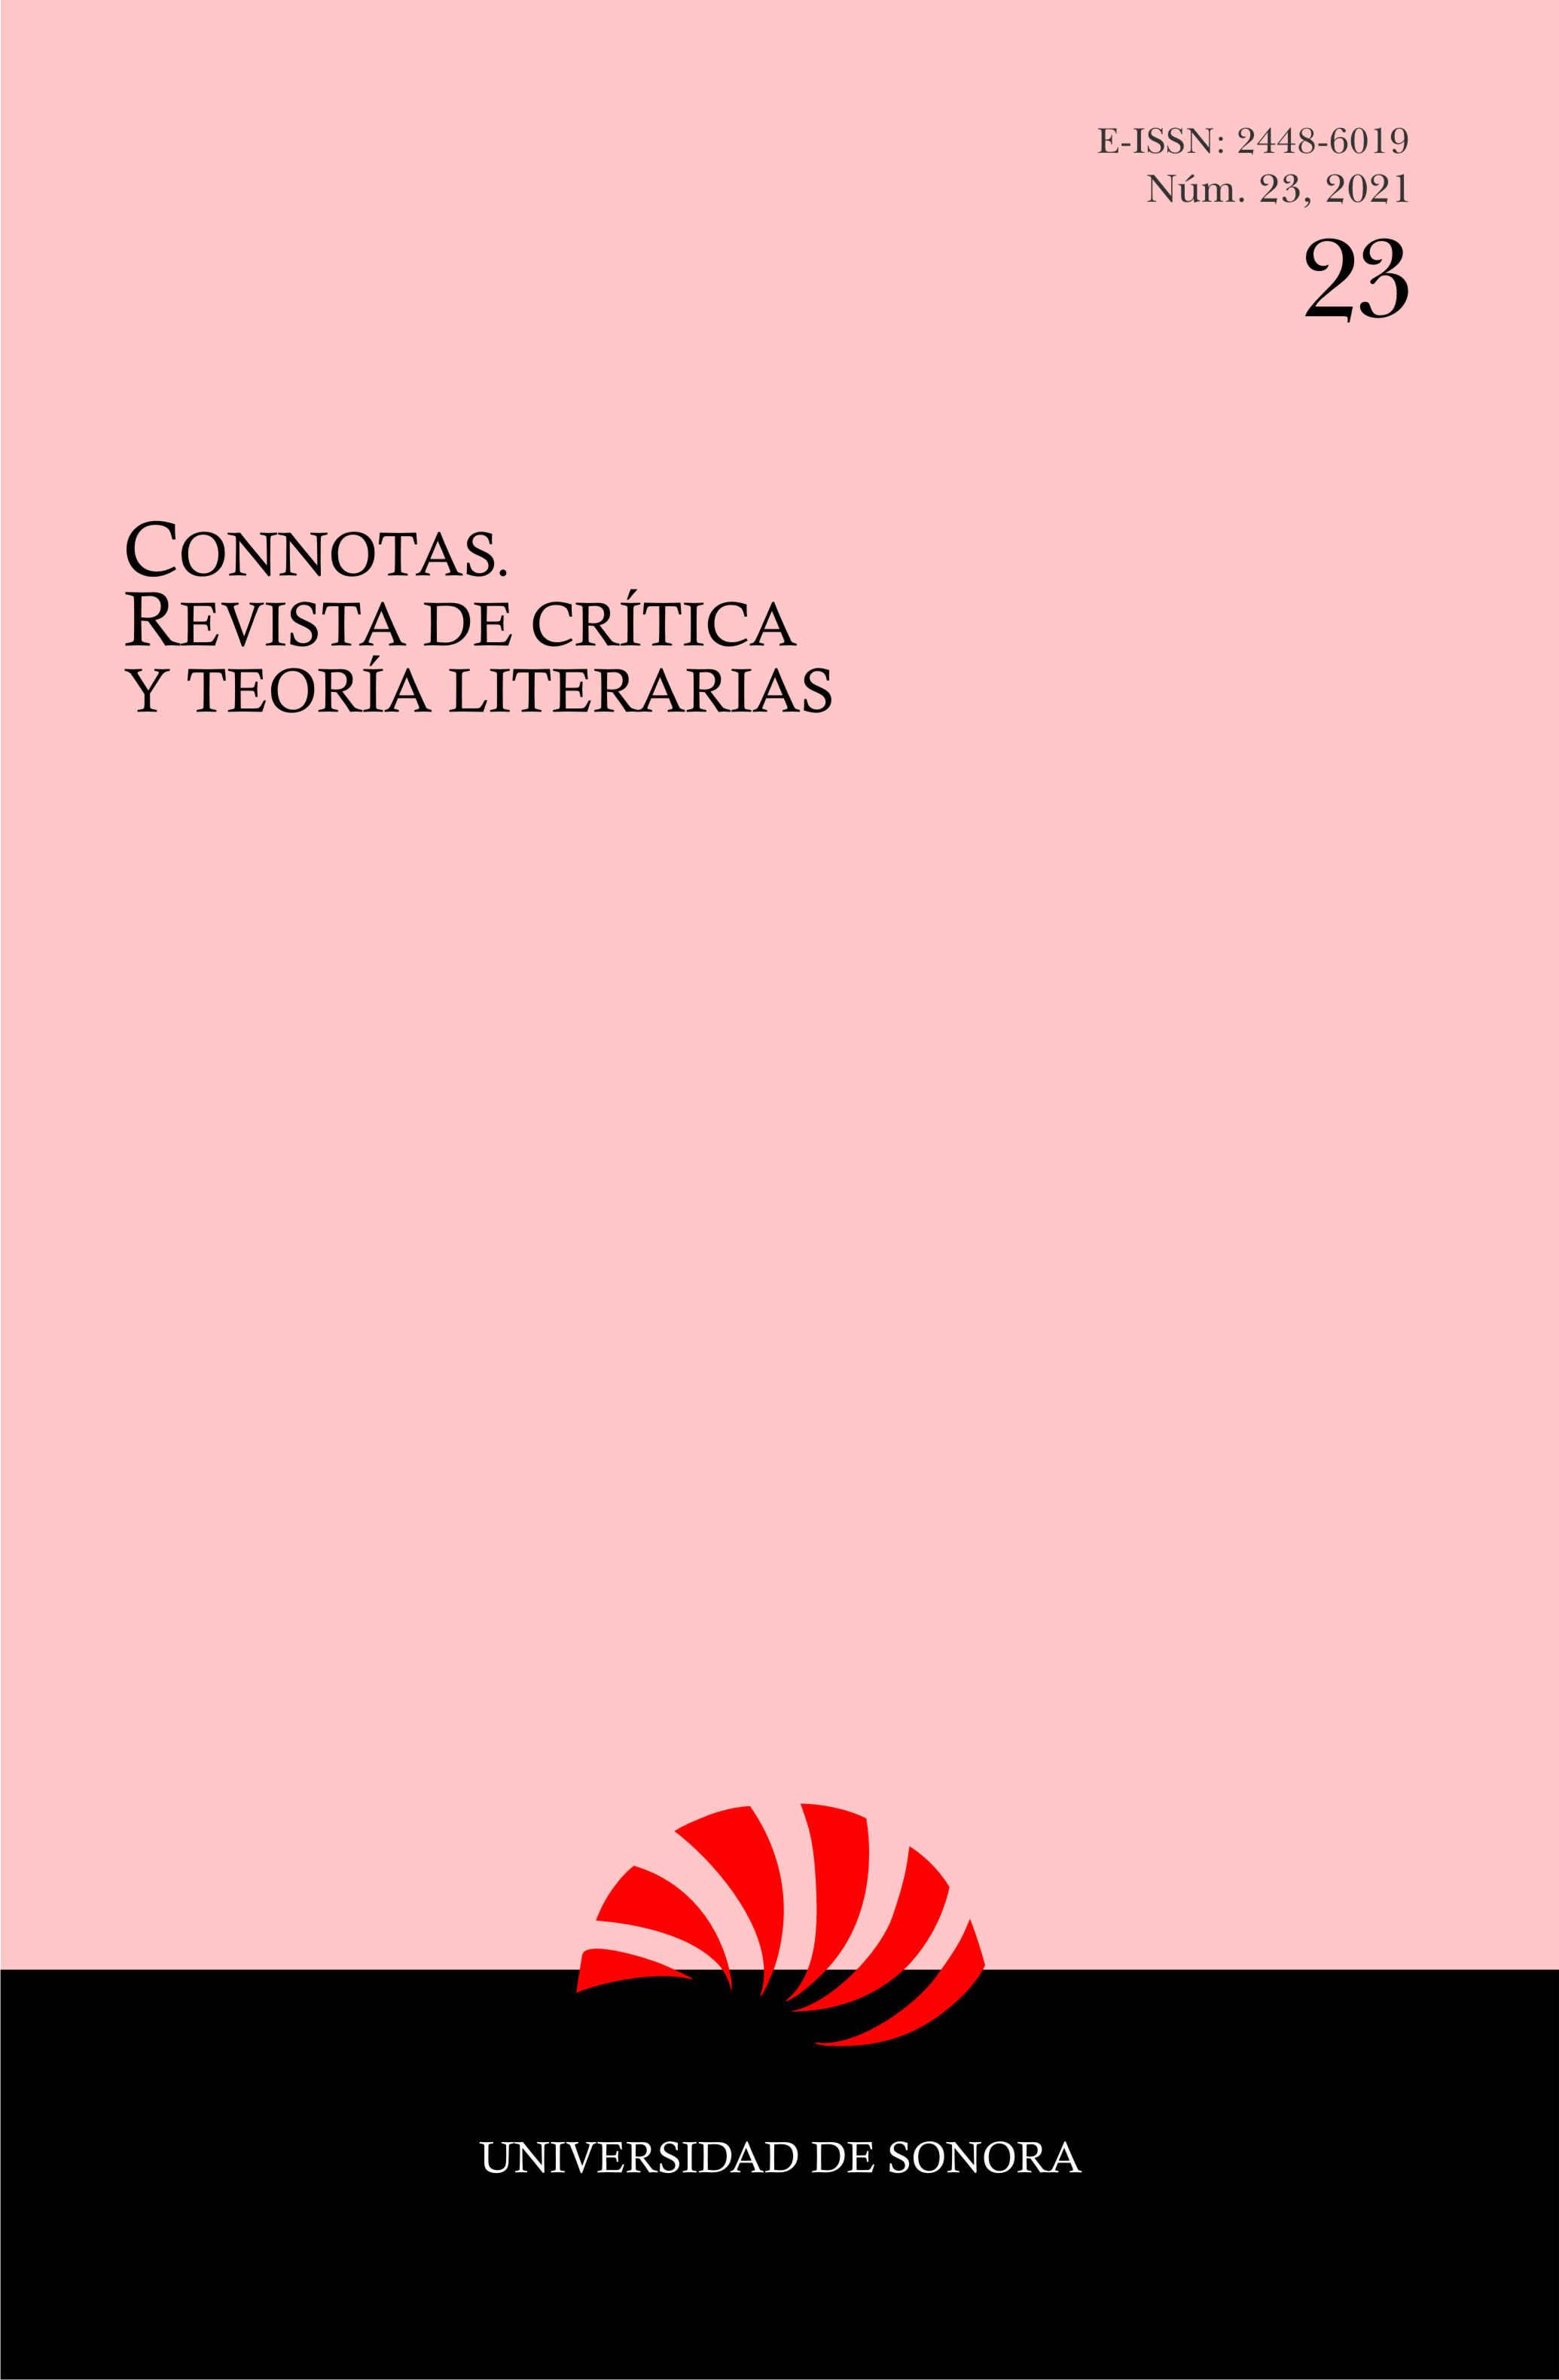 Ver Núm. 23 (2021): Connotas. Revista de crítica y teoría literarias